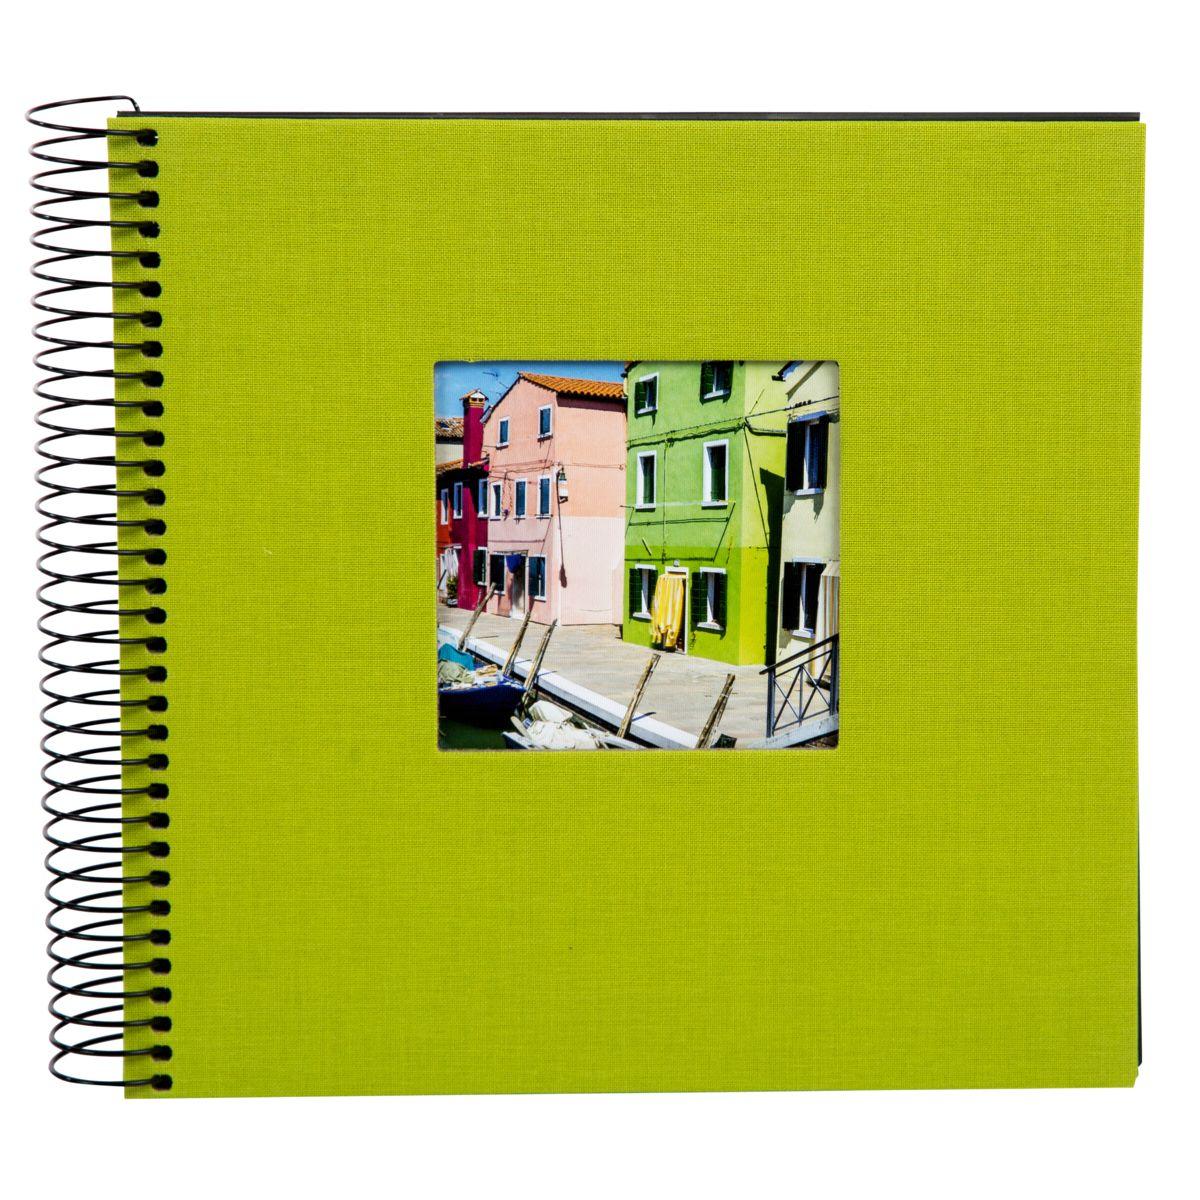 Goldbuch Spiral-Album »Bella Vista 20x20 40 e Seiten Spiral 12772«